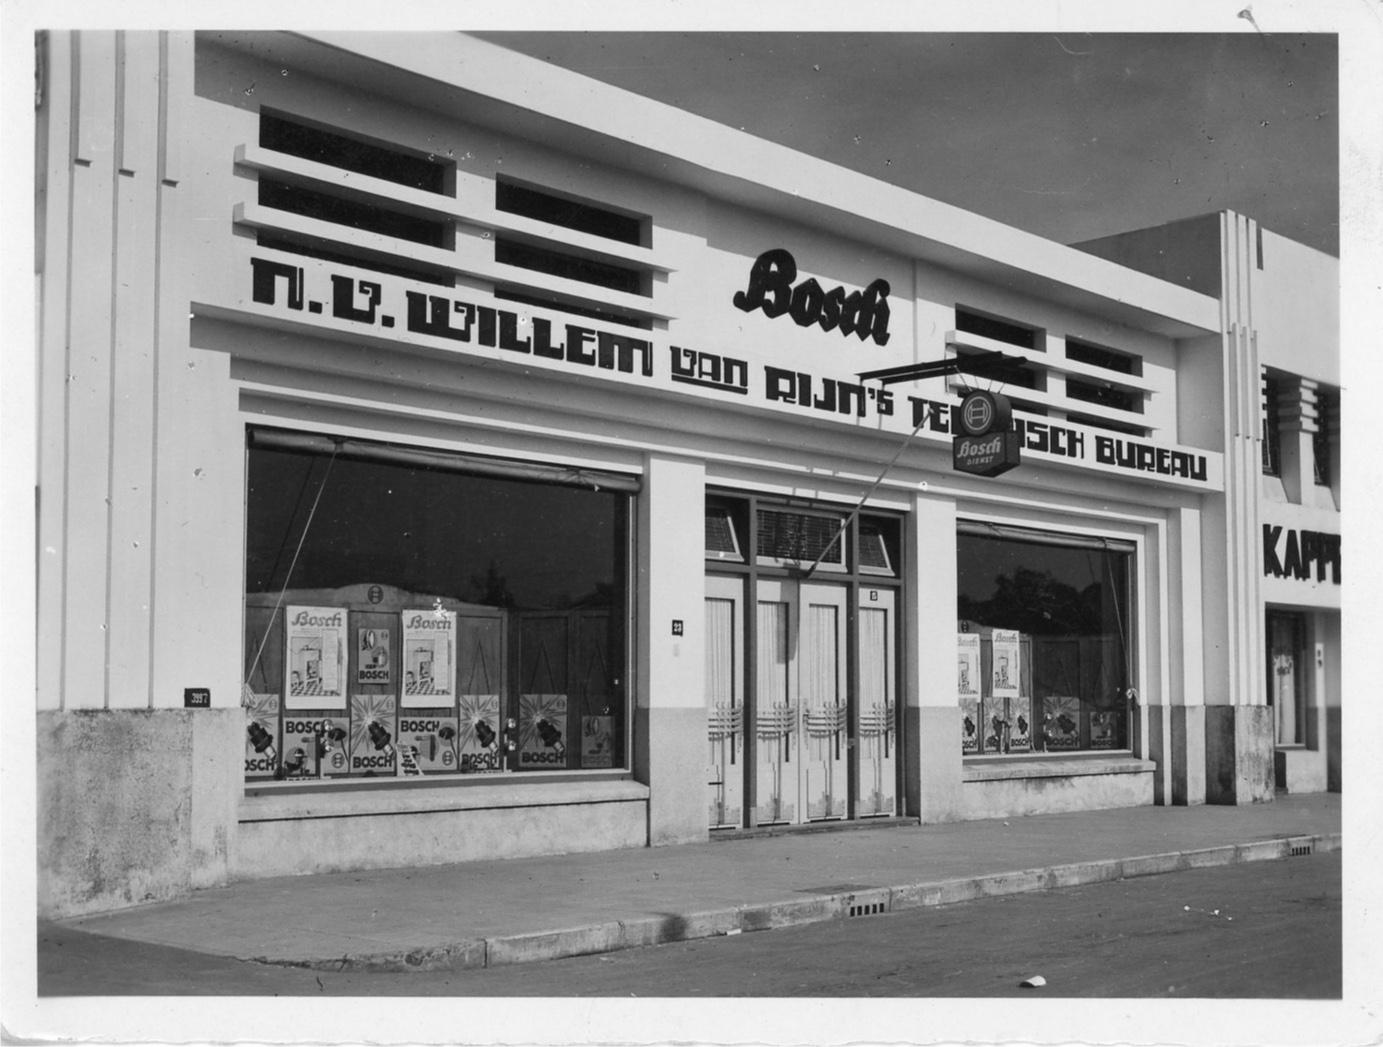 Unternehmensgründer Robert Bosch hatte früh die Notwendigkeit eines Netzes von Reparaturbetrieben erkannt. Mit der steigenden Zahl der Autobesitzer wuchs der Bedarf an fachlichem Know-how über Ländergrenzen und Weltmeere hinweg.